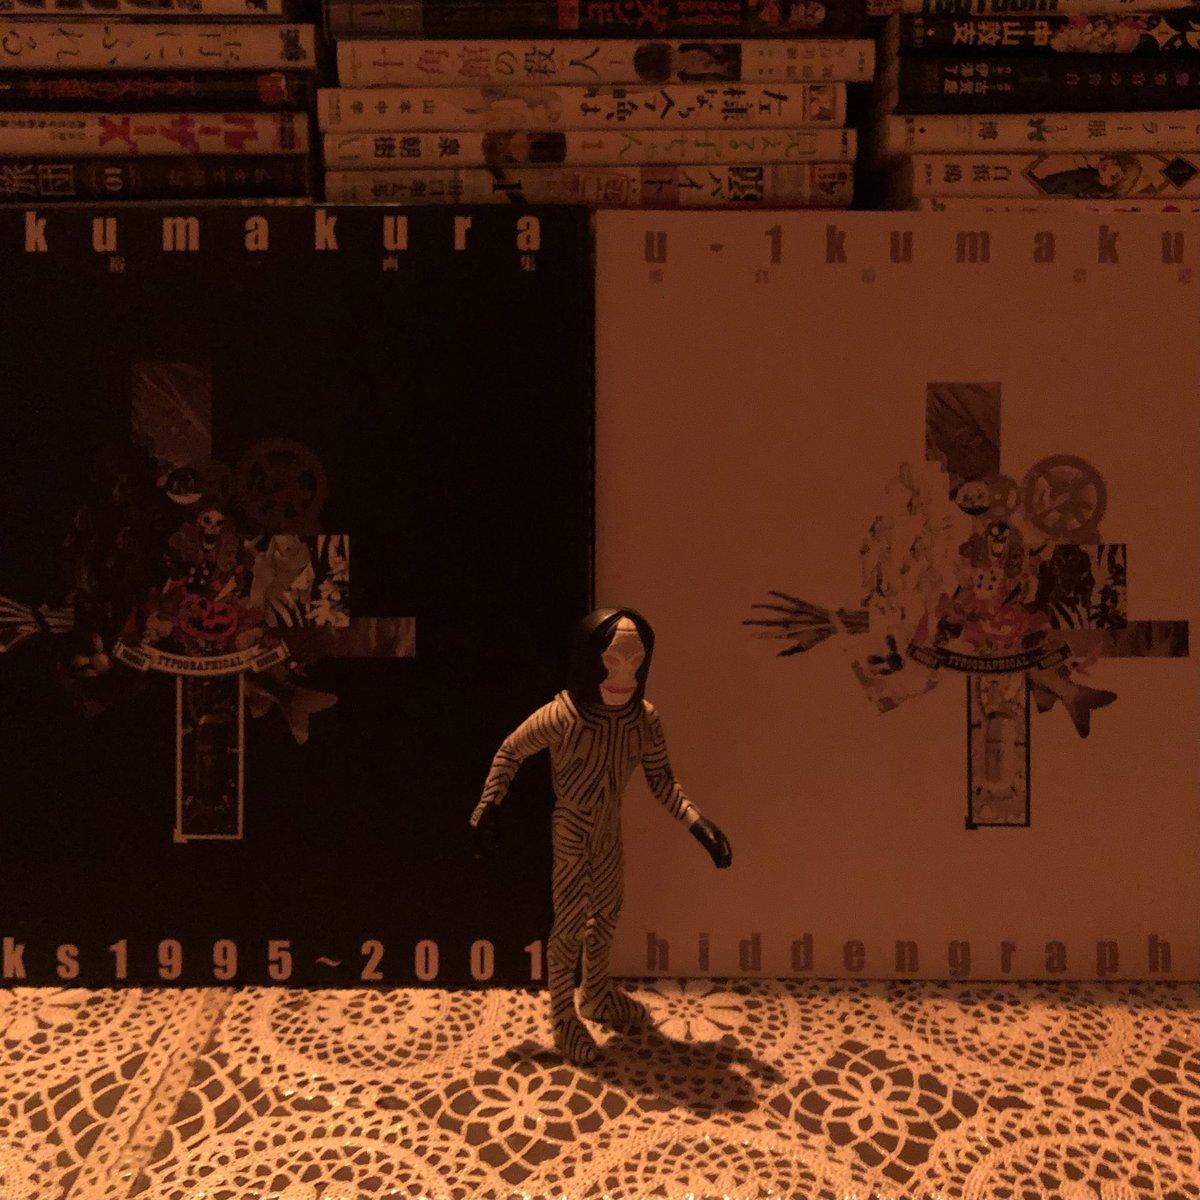 test ツイッターメディア - 熊倉裕一先生の黒画集と伝説の白画集が、ここに…!!す、すごくすごい…!!持ち主さんのご好意で…現在…奇跡的に穴に…!!は、はわー https://t.co/bg9aZAhTVL